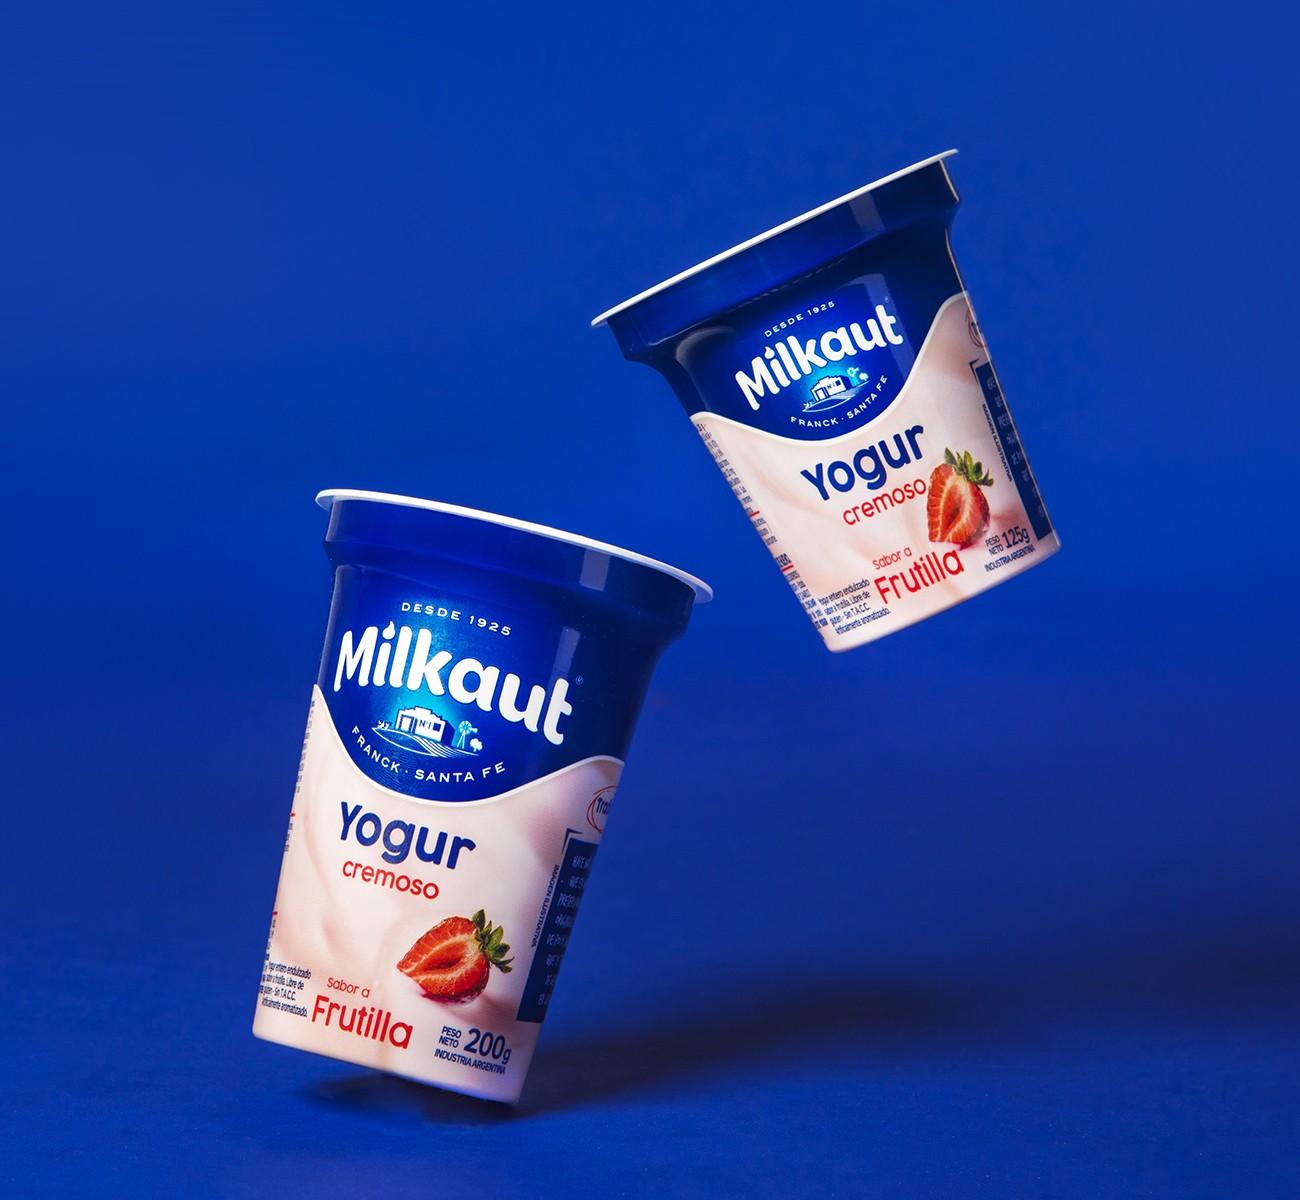 Milkaut酸奶包装设�计